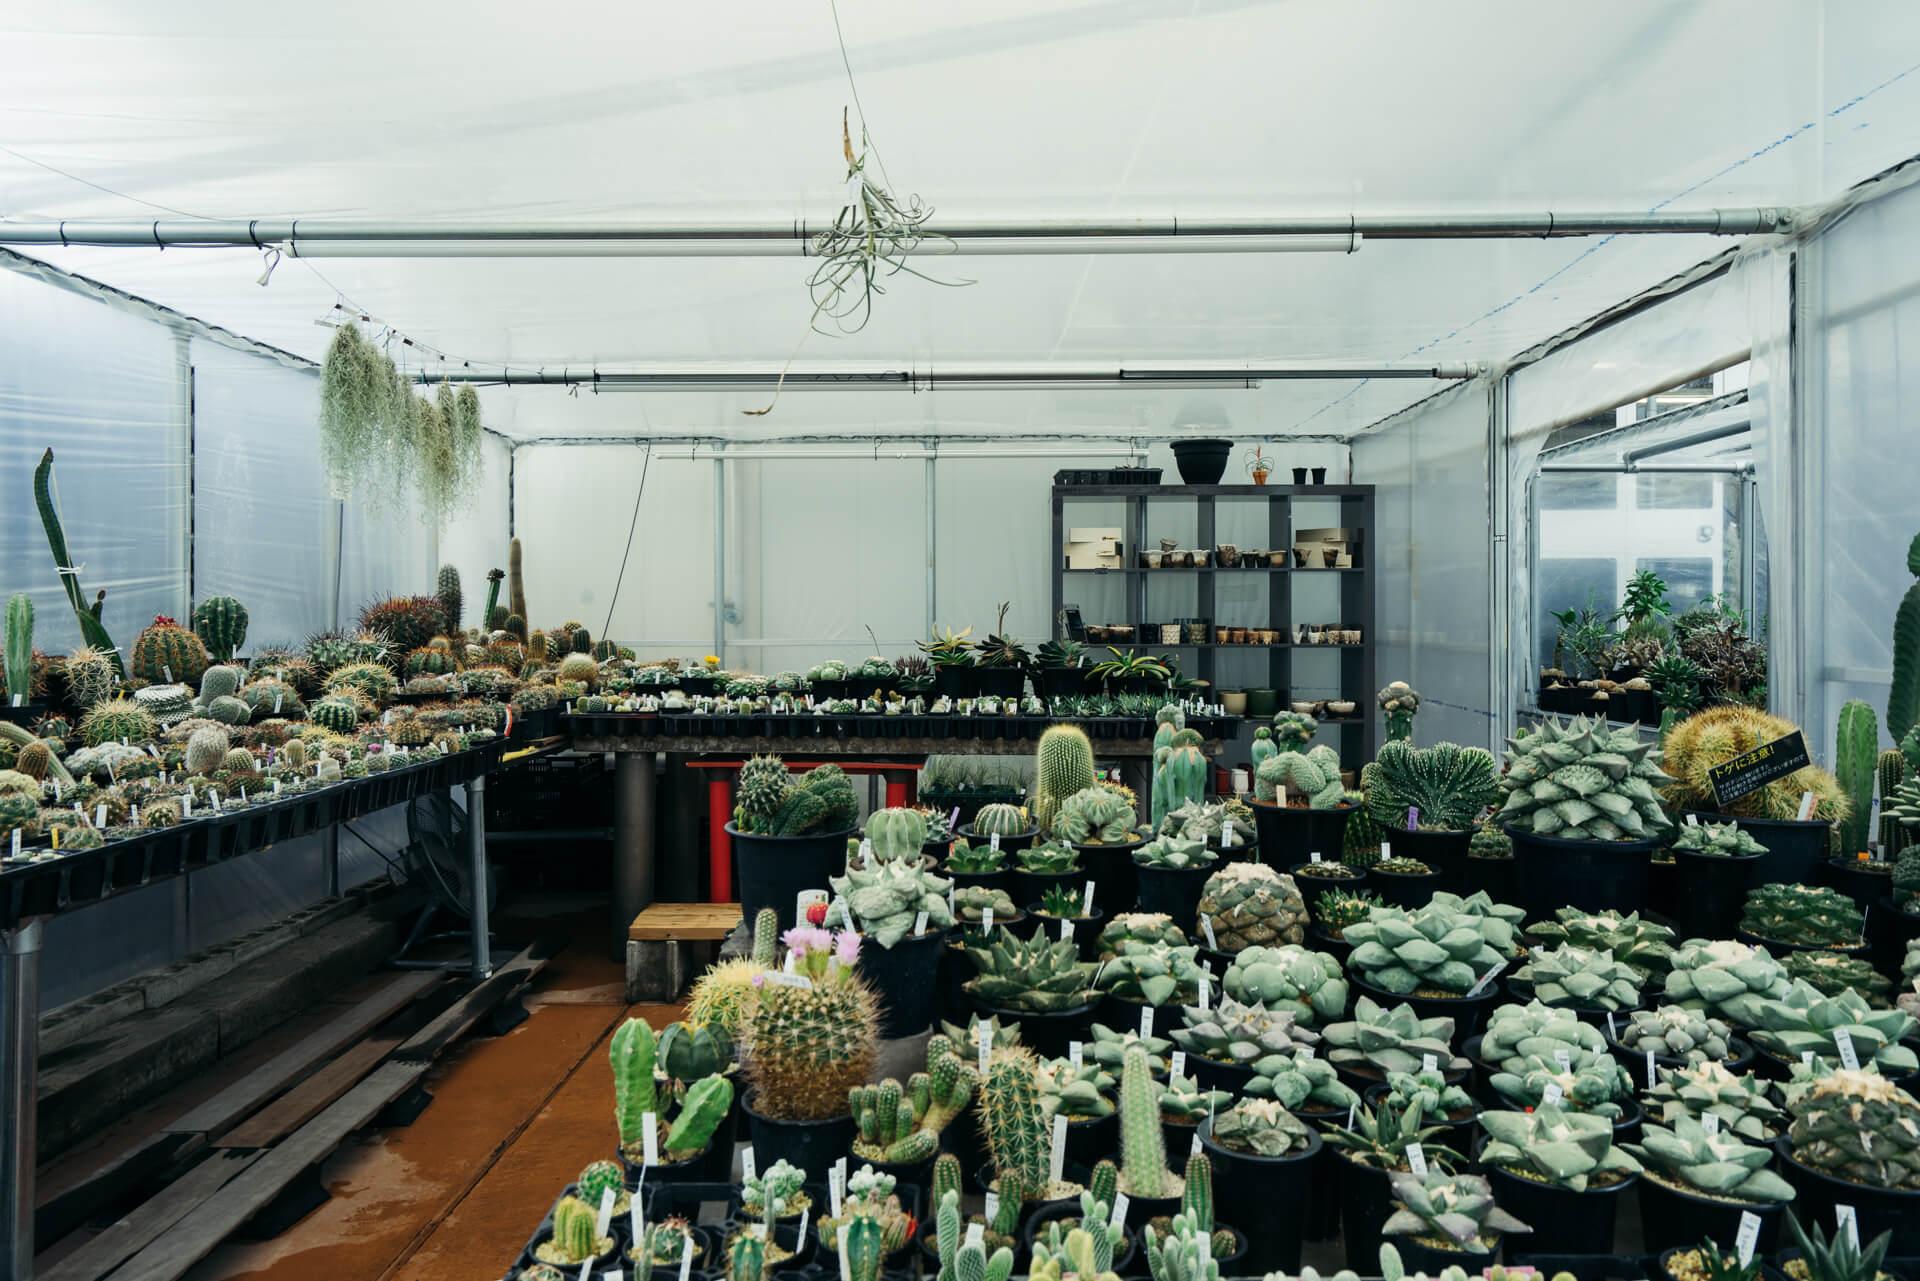 温室の中には、数百円のものから、数万円のマニア向けのものまで、掘り出し物を探しに通う方も多いサボテンコーナー。